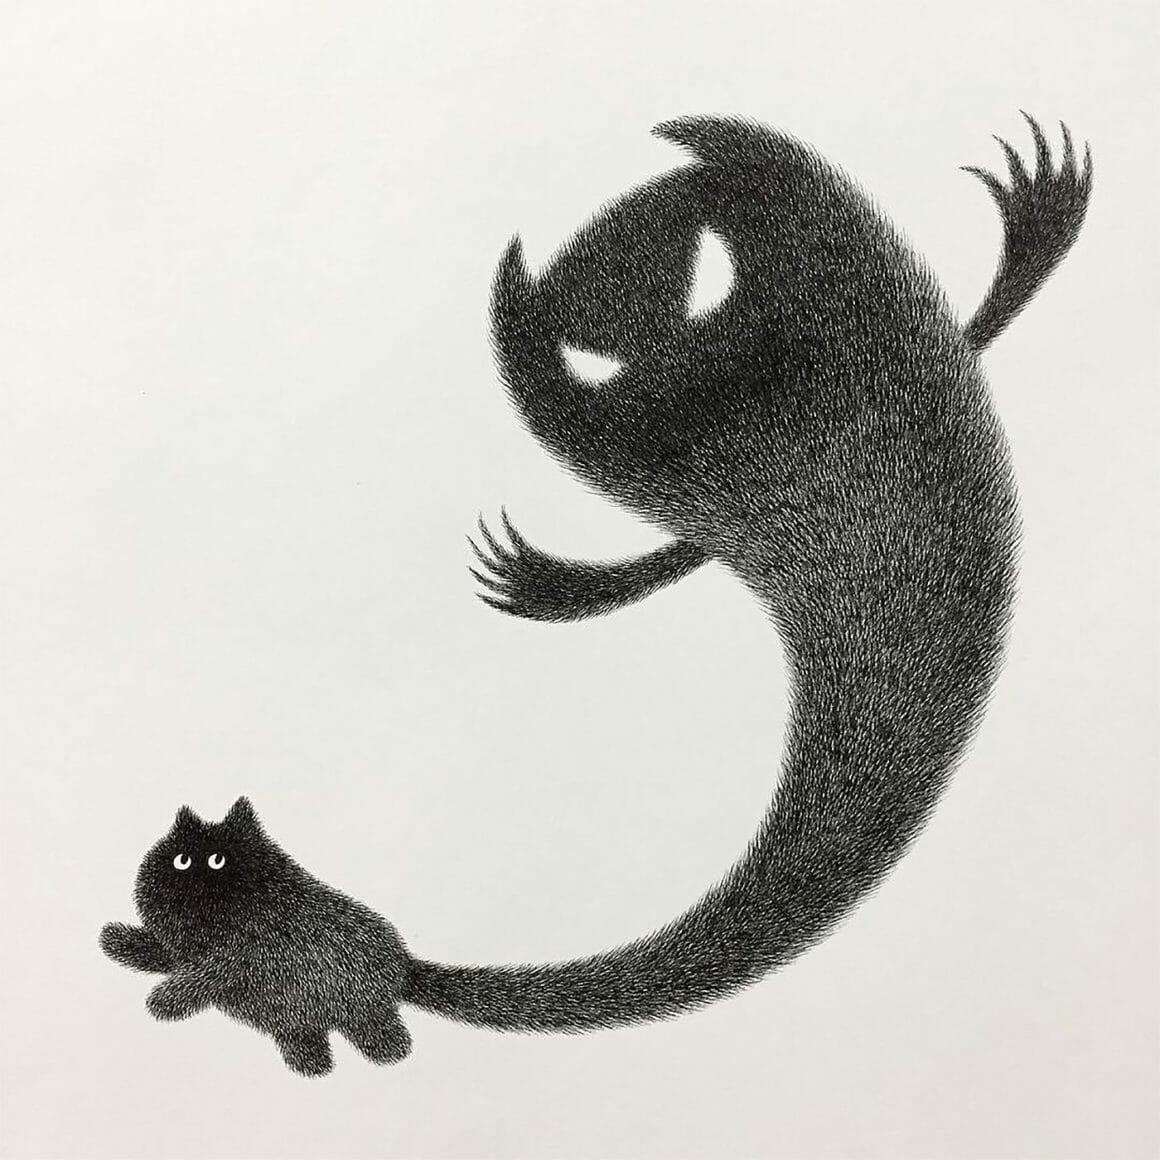 Dessin de chat de Kamwei Fong, celui-ci représente un chat dont la queue ressemble à un mauvais fantôme.